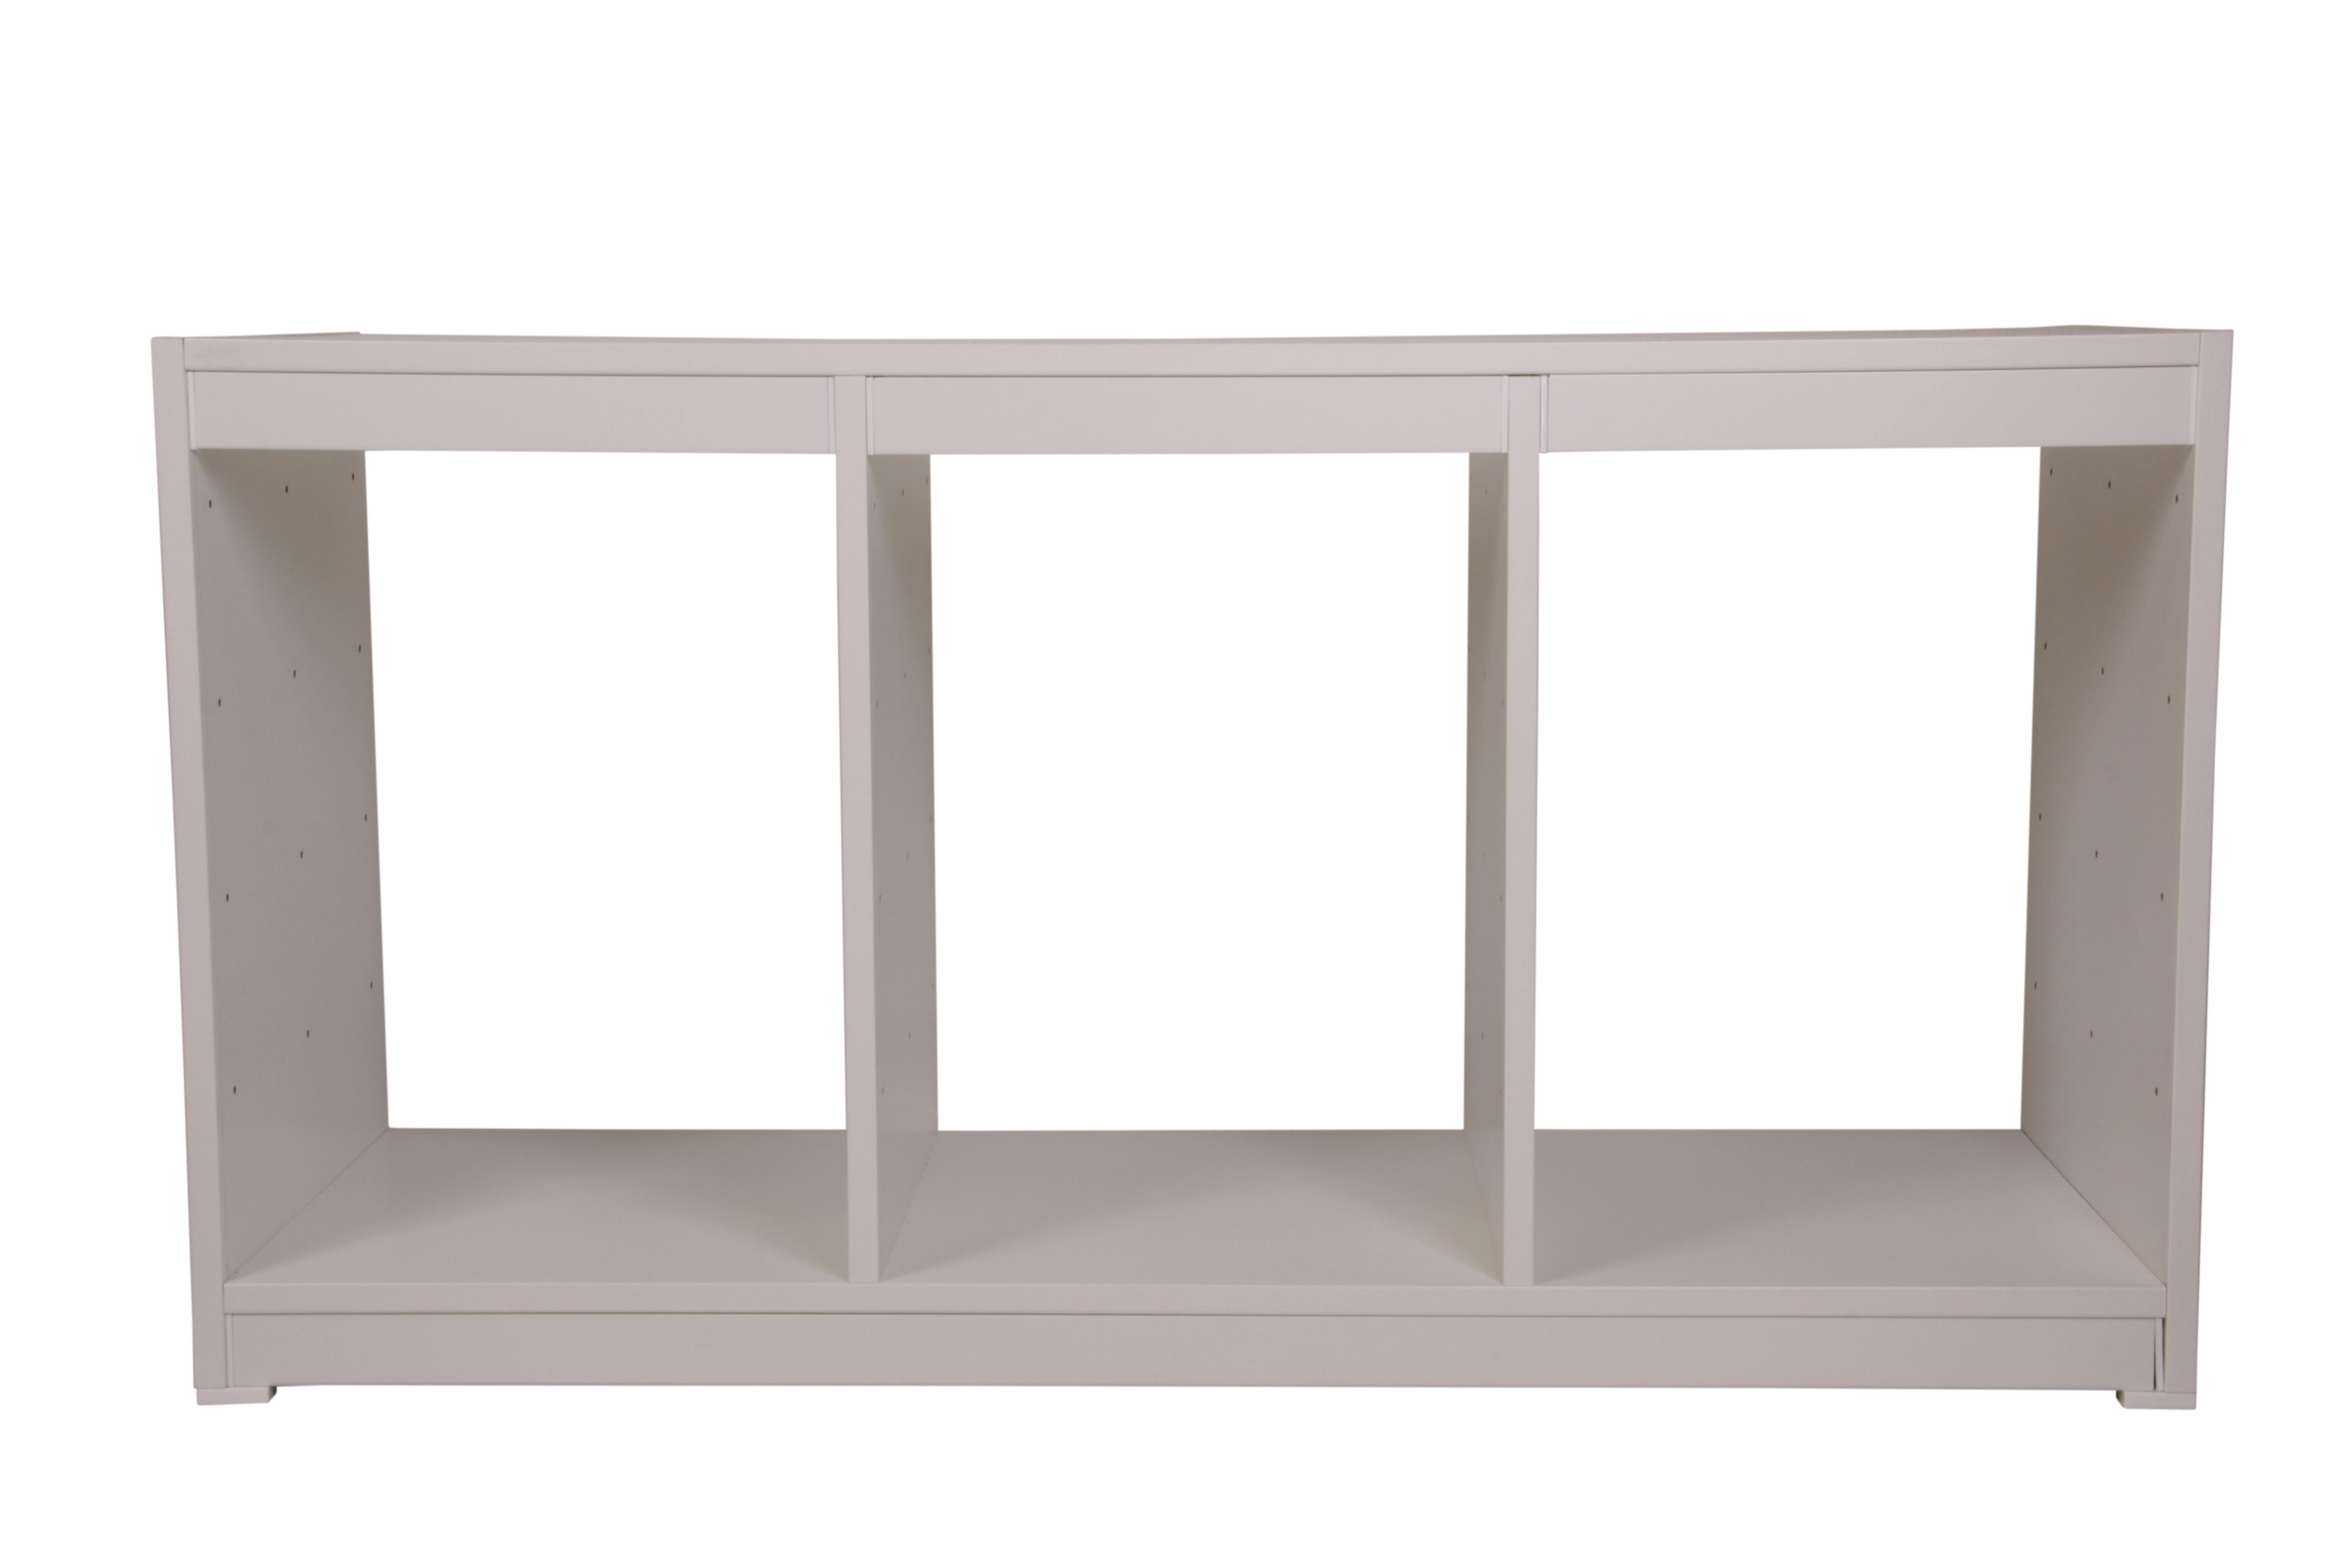 ondis24 kreo regal breit 3 fach g nstig online kaufen. Black Bedroom Furniture Sets. Home Design Ideas